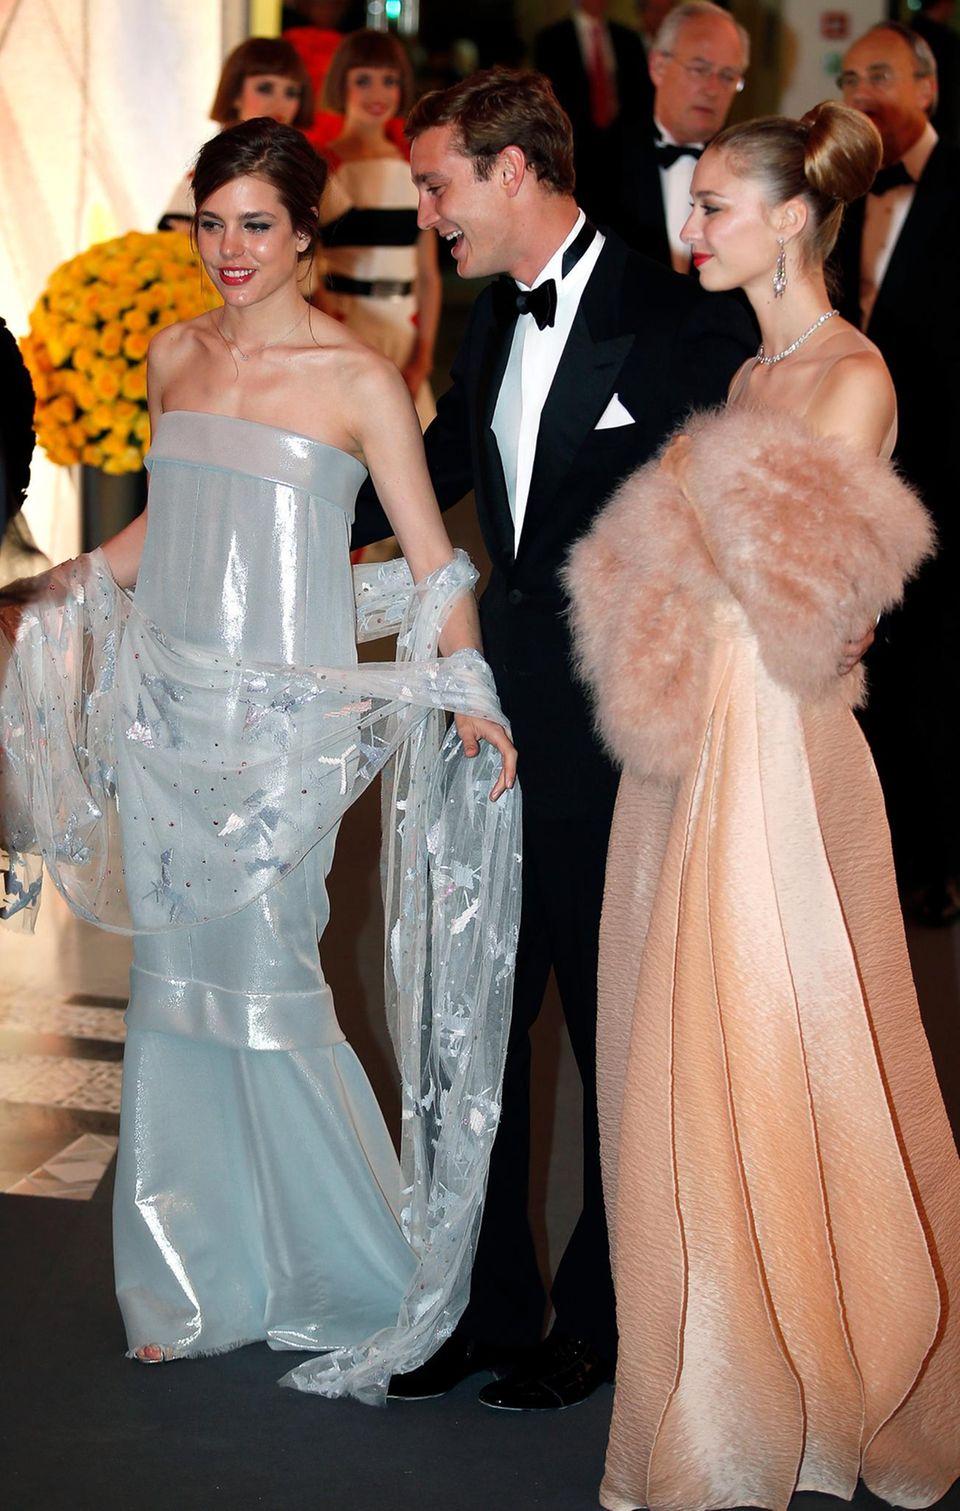 Charlotte und Pierre Casiraghi, die Kinder von Prinzessin Caroline von Hannover, und Pierres Freundin Beatrice Borromeo